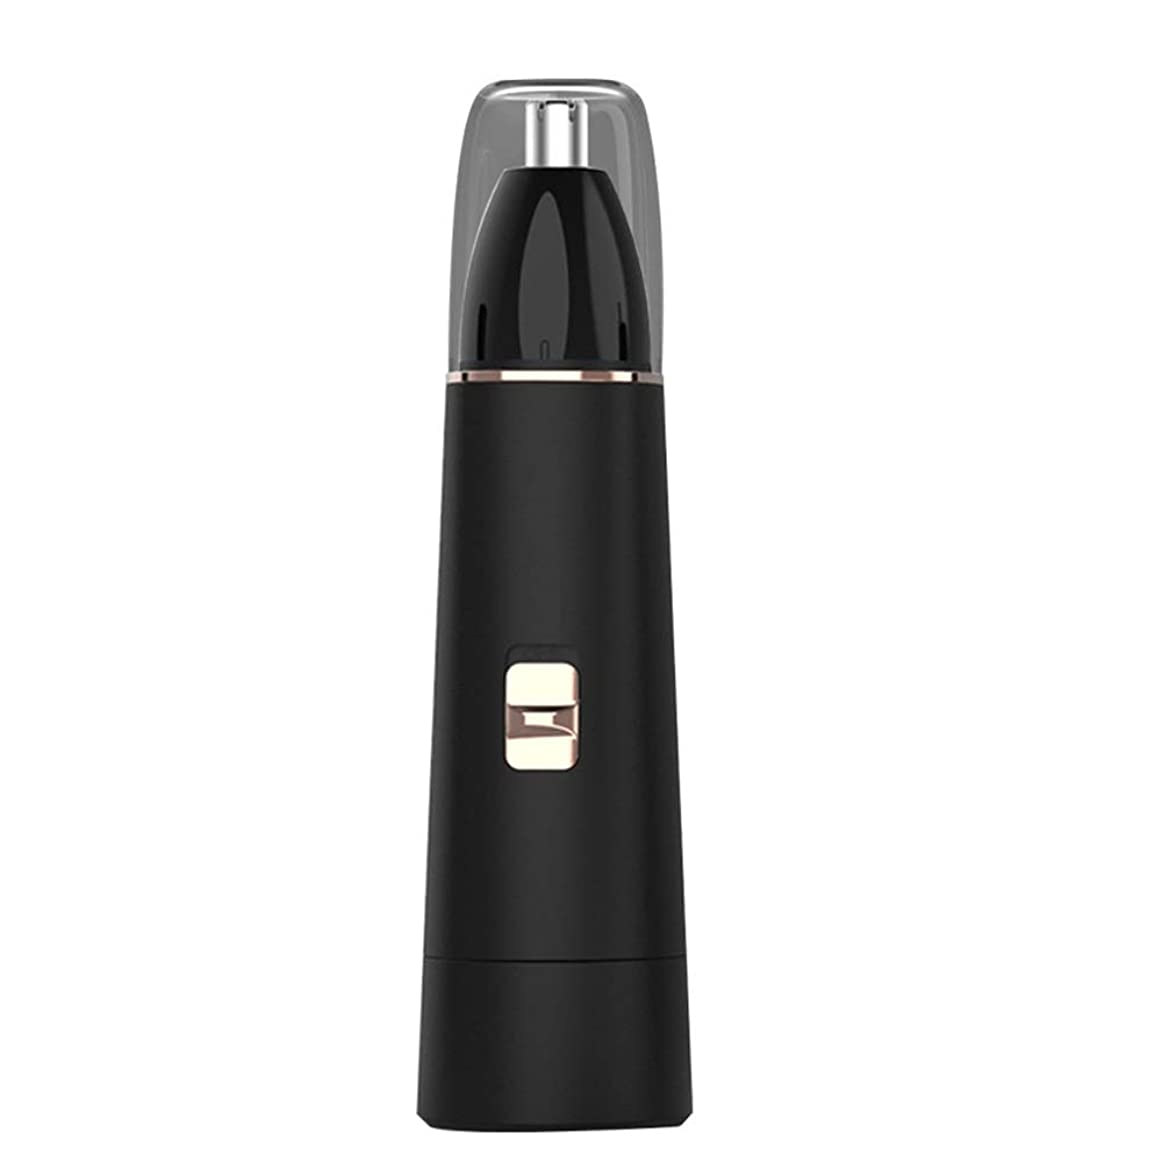 もう一度東部政治鼻毛トリマー-USB充電式電動鼻毛トリマー/ABS素材/多機能 持つ価値があります